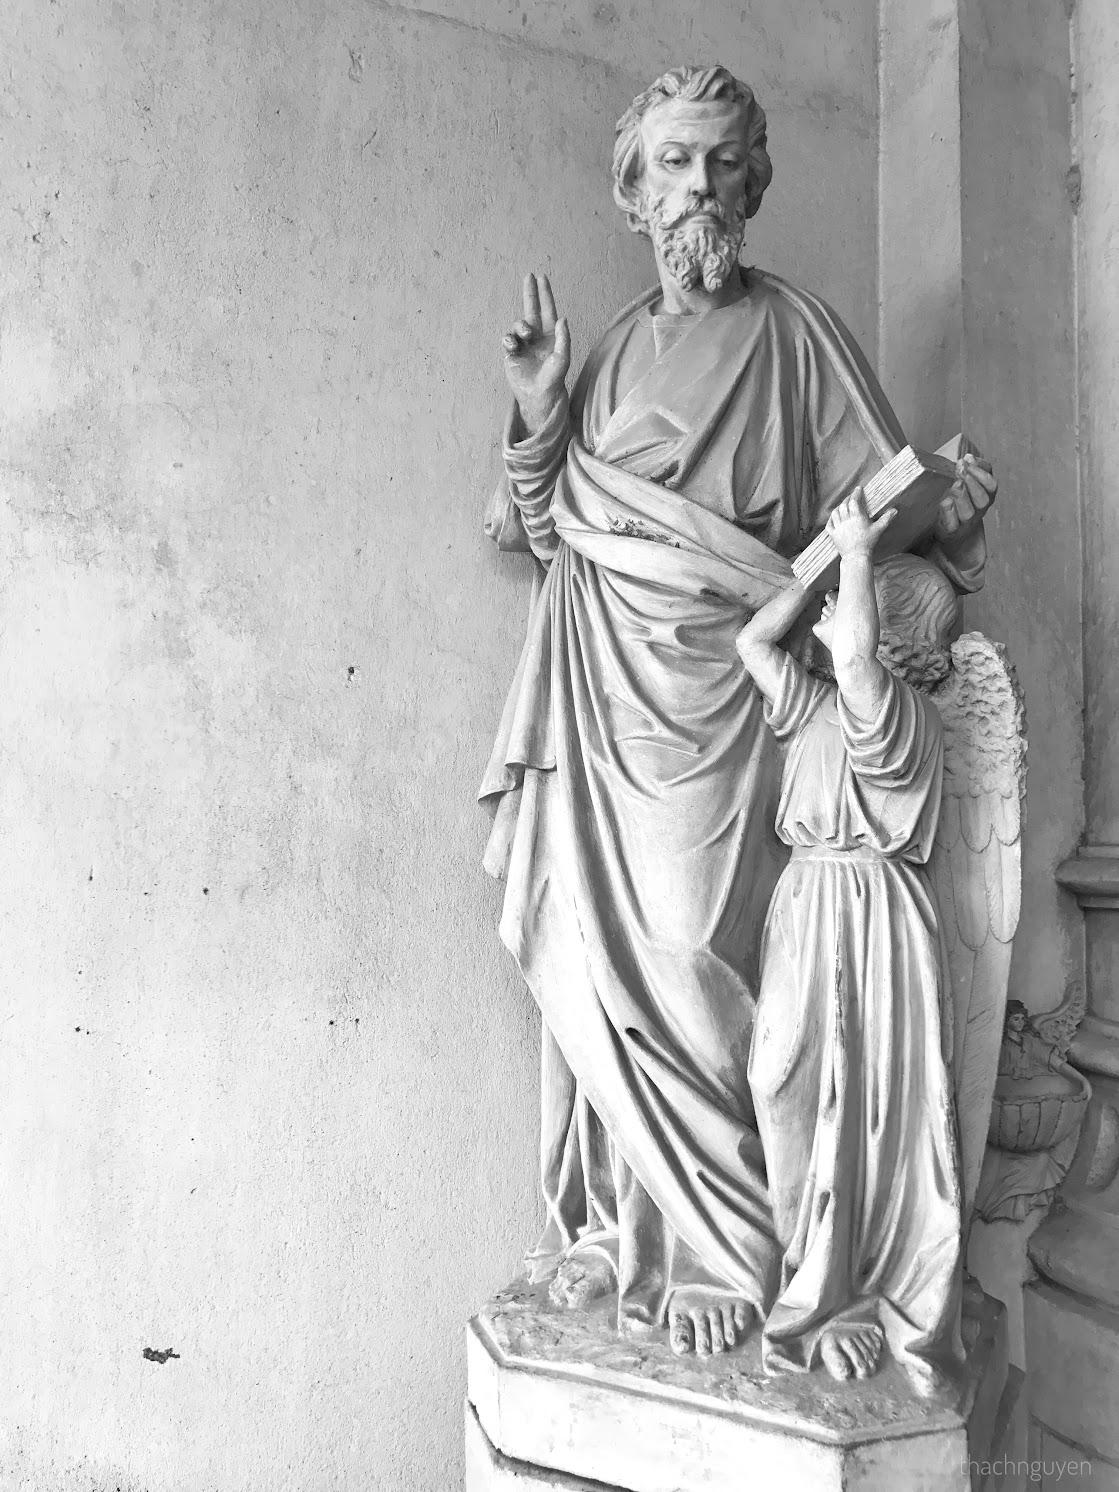 bức tượng trước cửa đan viện